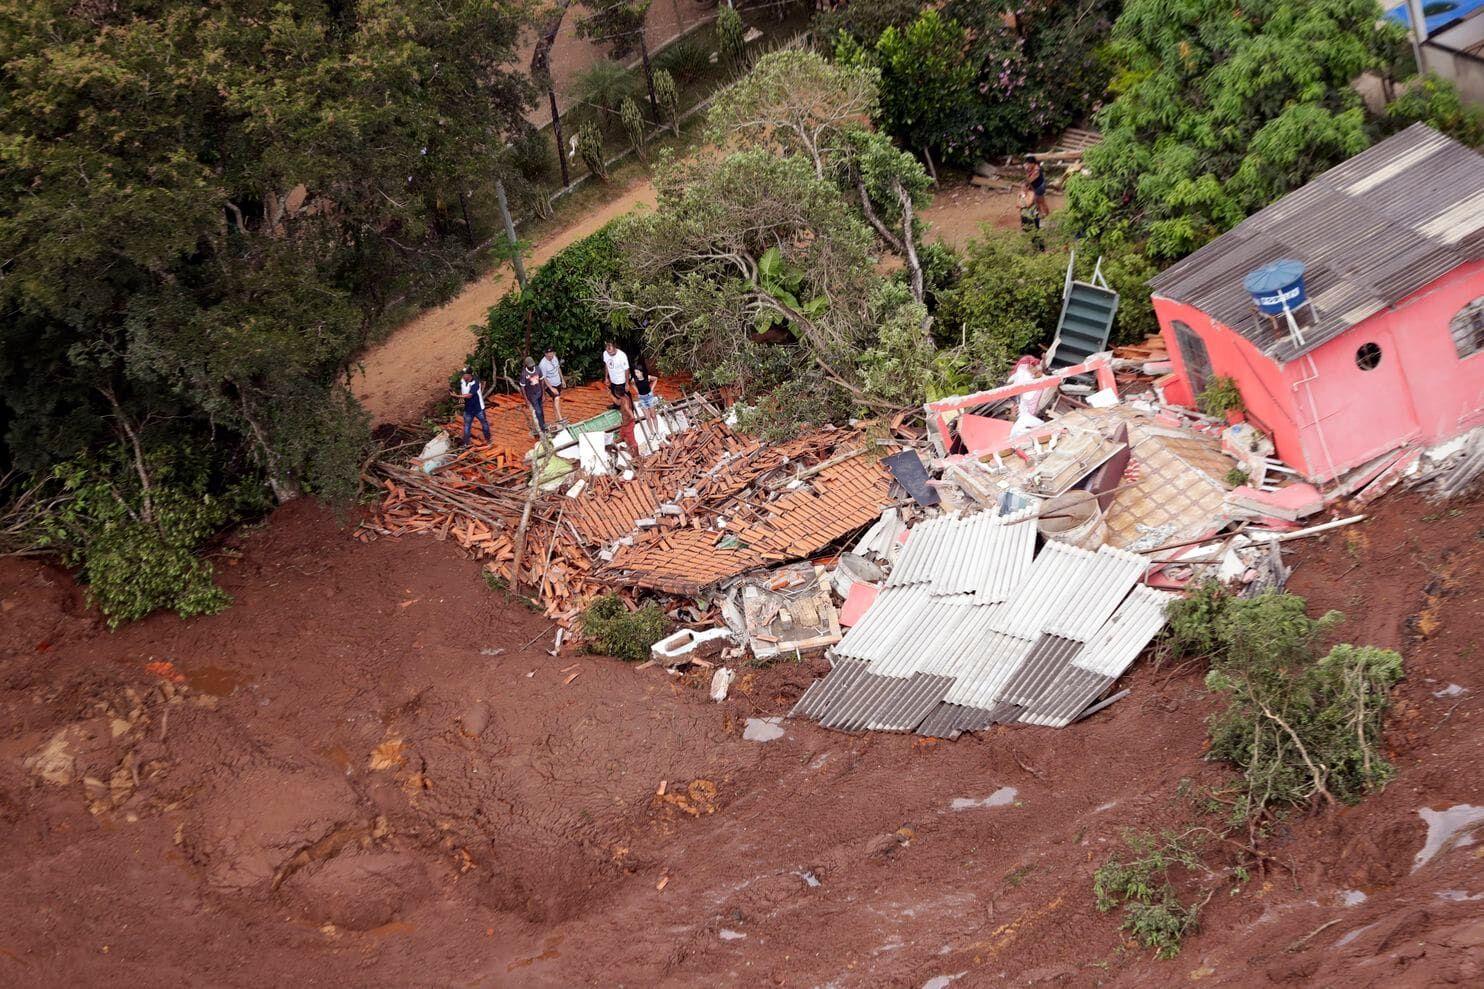 巴西矿坝决堤事故死亡人数升至40人 仍约300人失踪